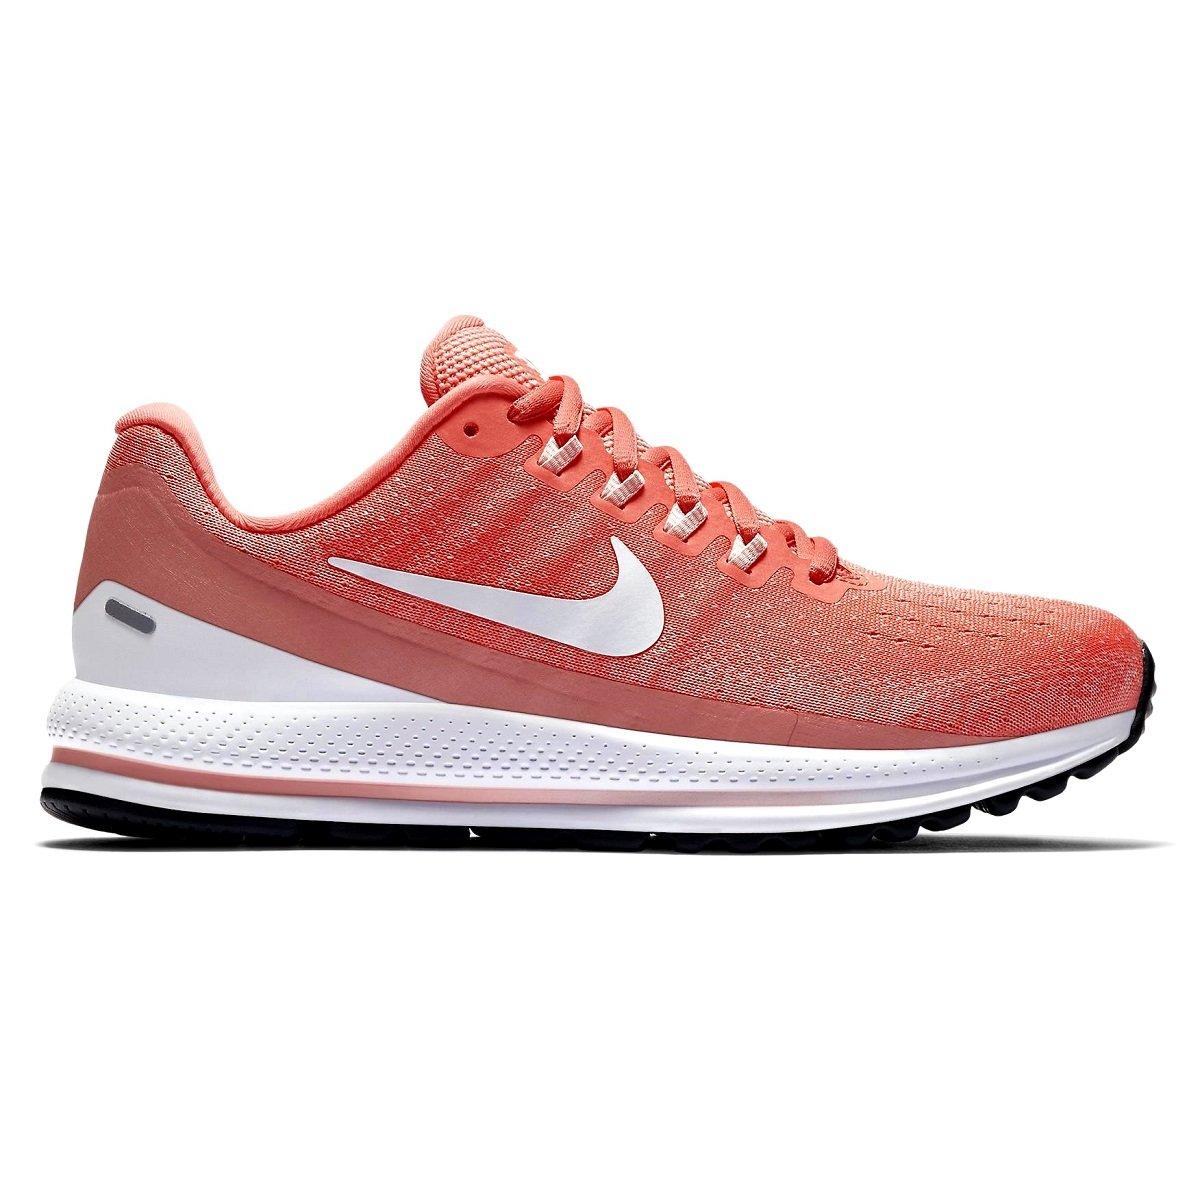 5bf6ece74c359 Amplie a imagem. Tênis Nike Air Zoom Vomero 13 Feminino  Tênis Nike Air  Zoom Vomero 13 Feminino ...